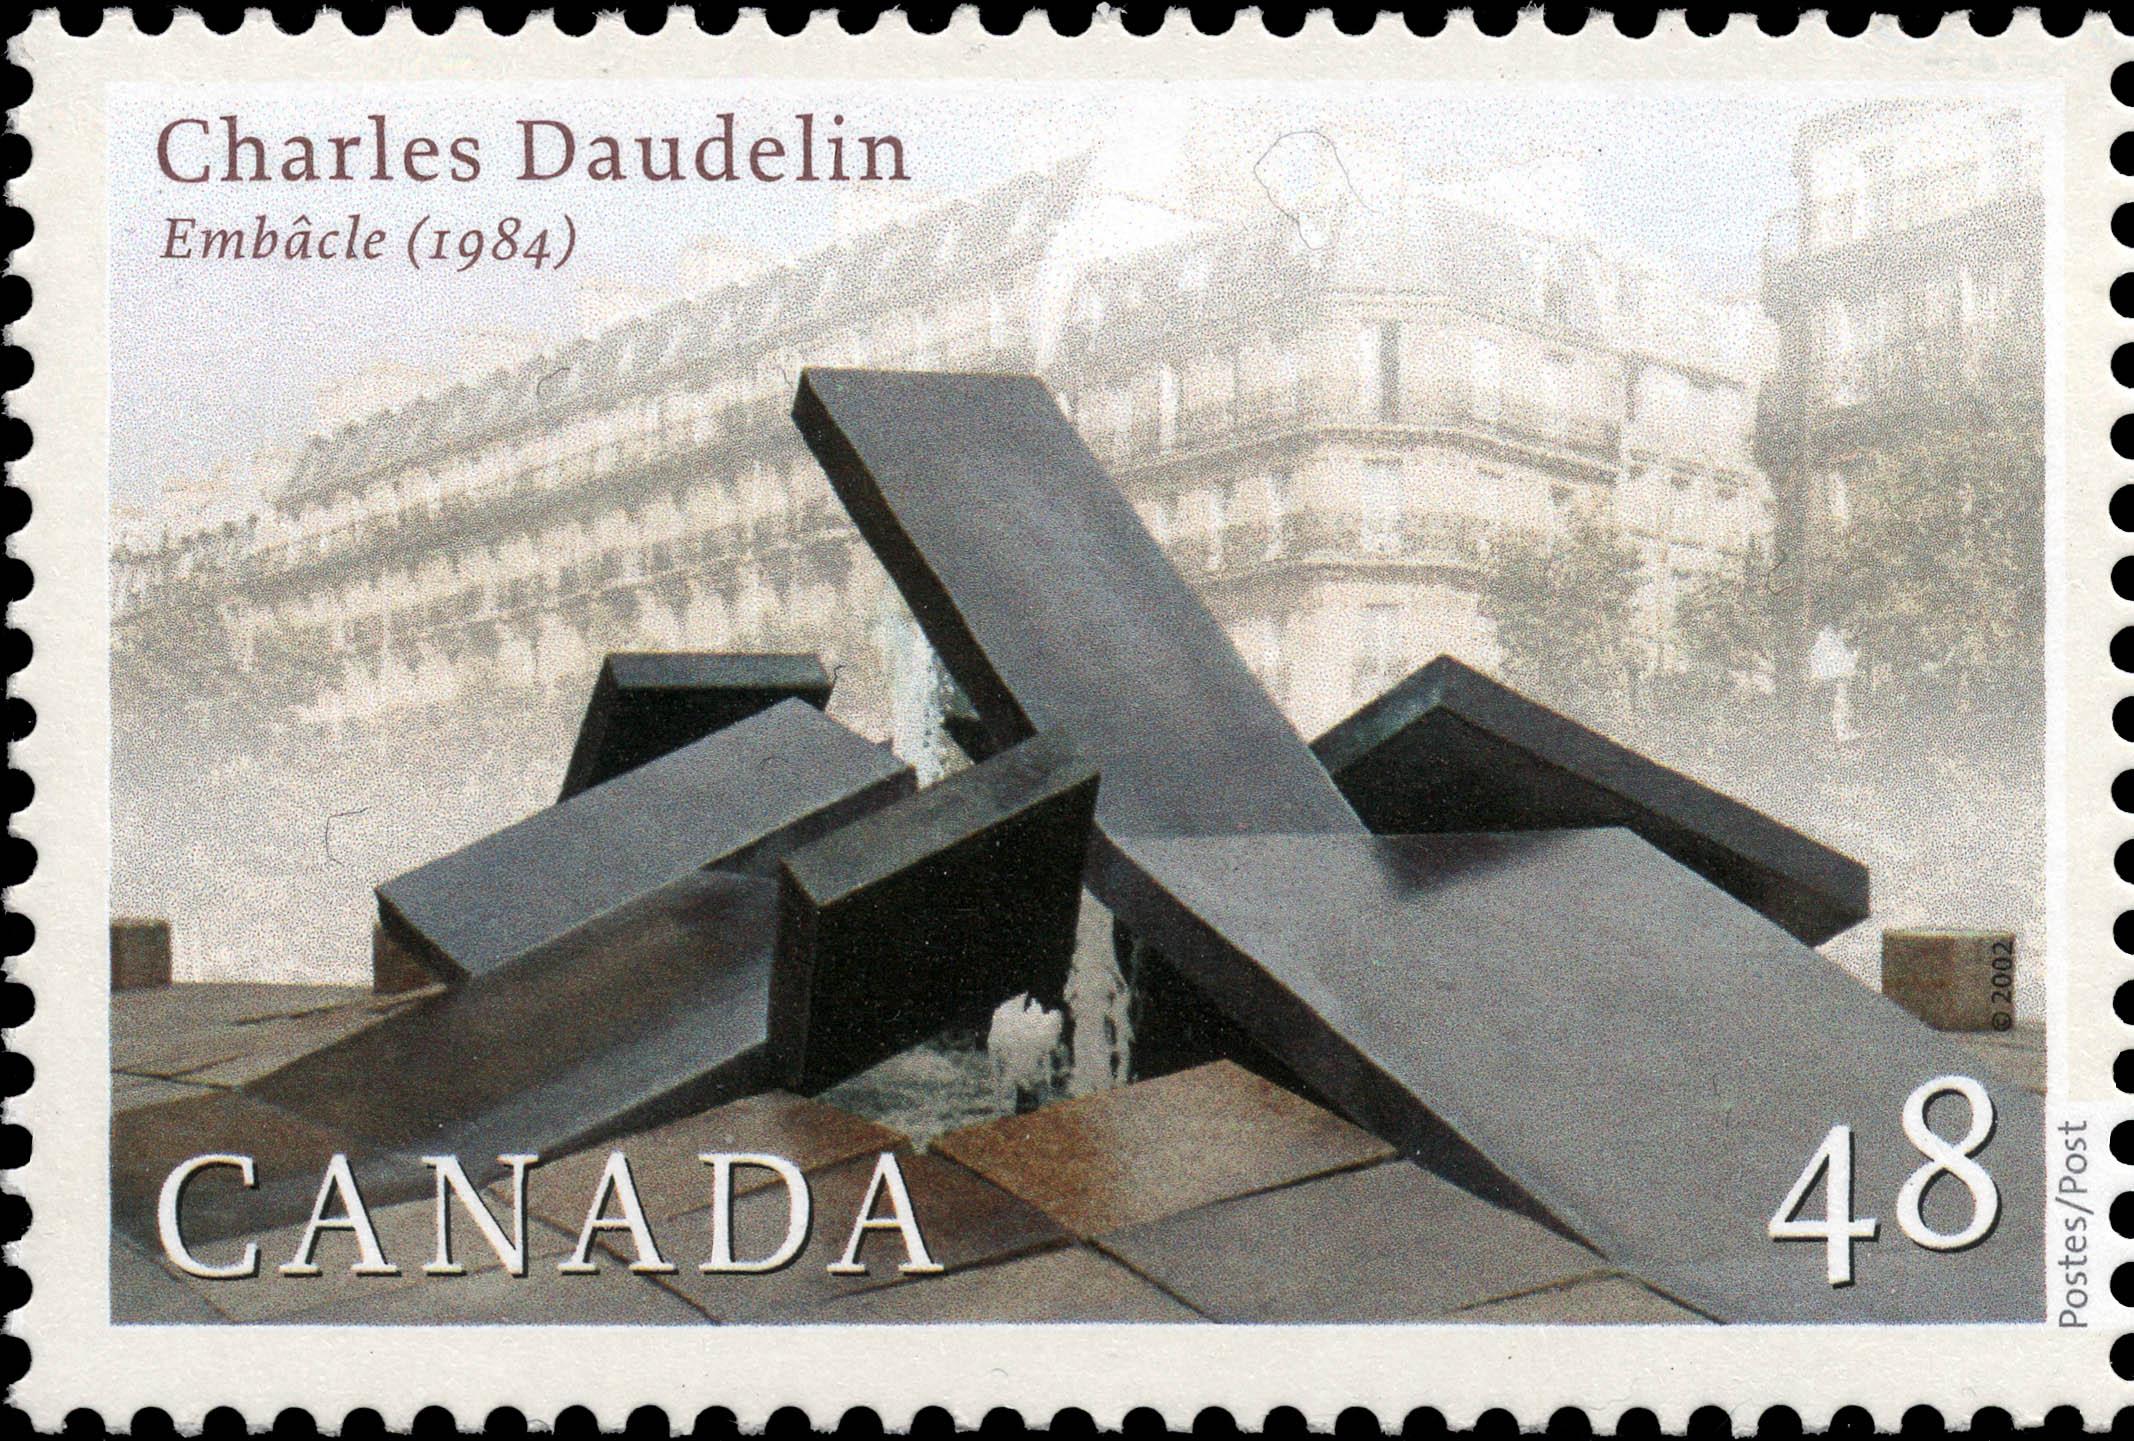 Charles Daudelin, Embacle, 1984 Canada Postage Stamp